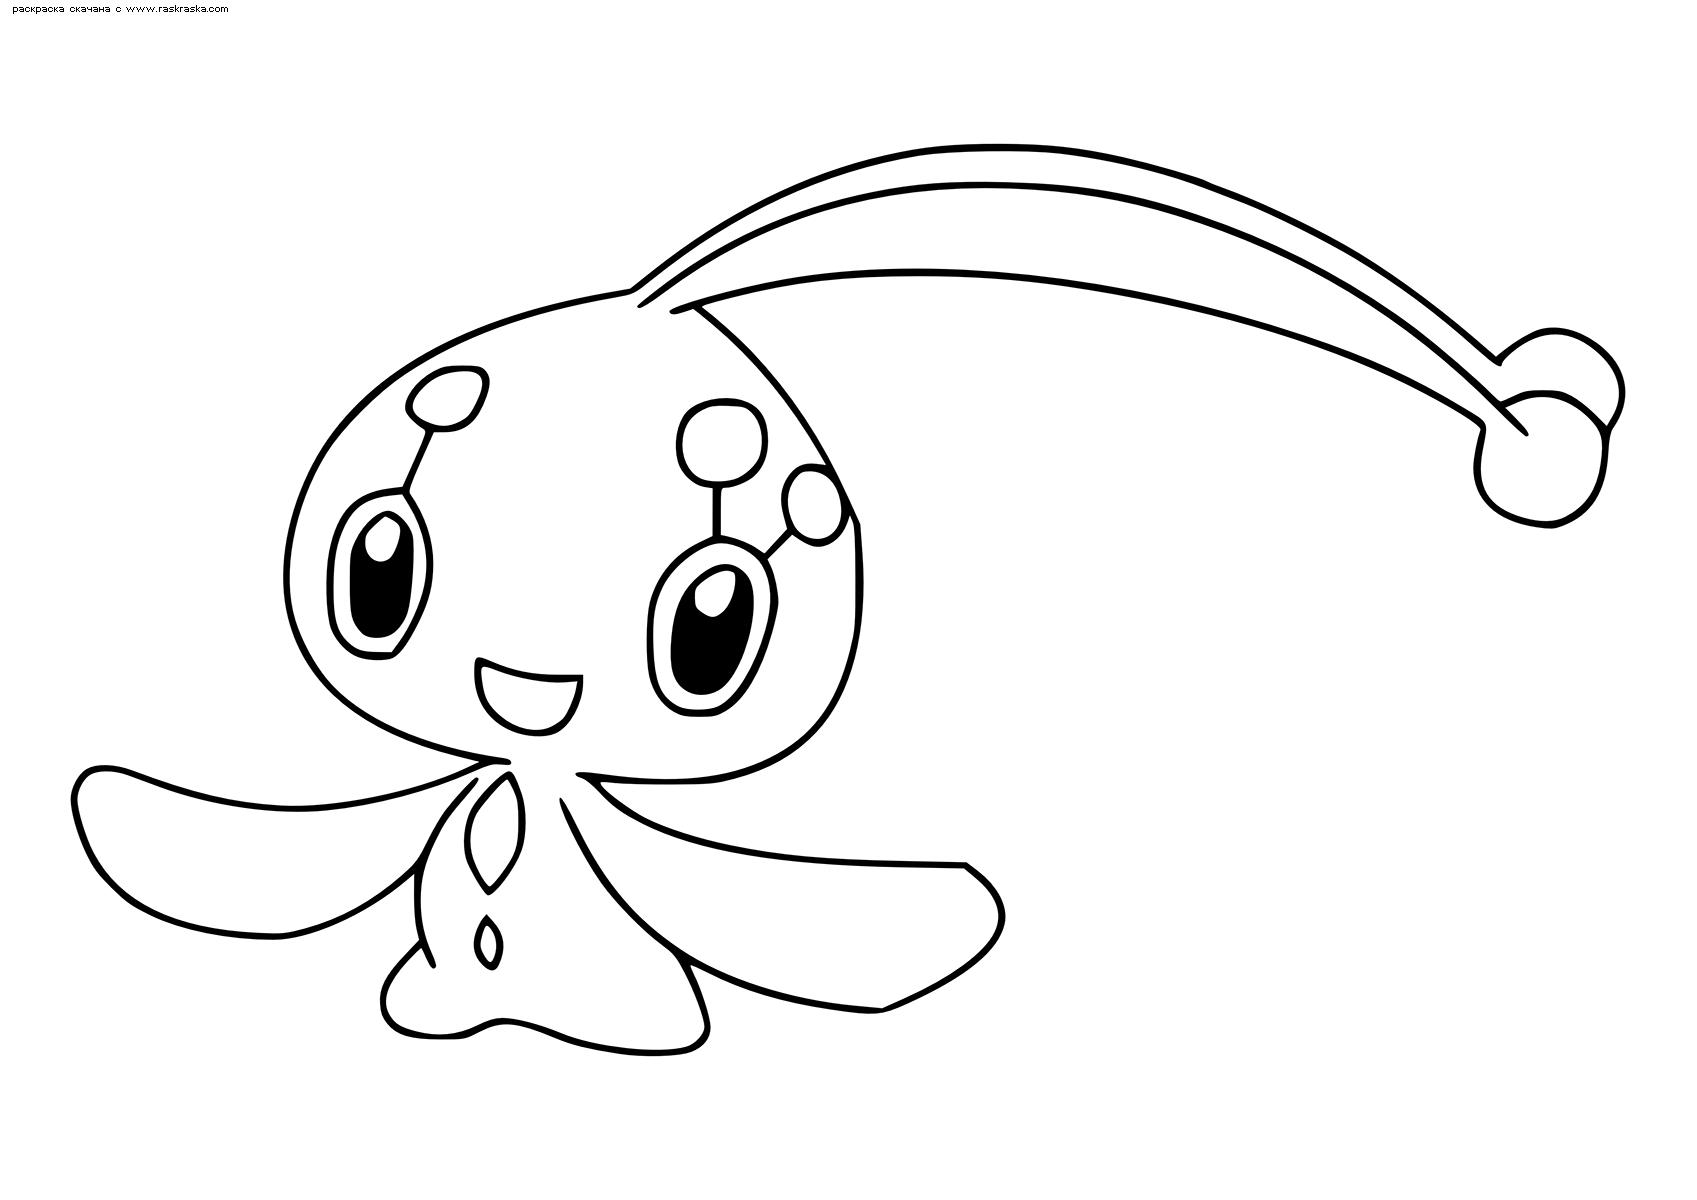 Раскраска Легендарный покемон Манафи (Manaphy). Раскраска Покемон